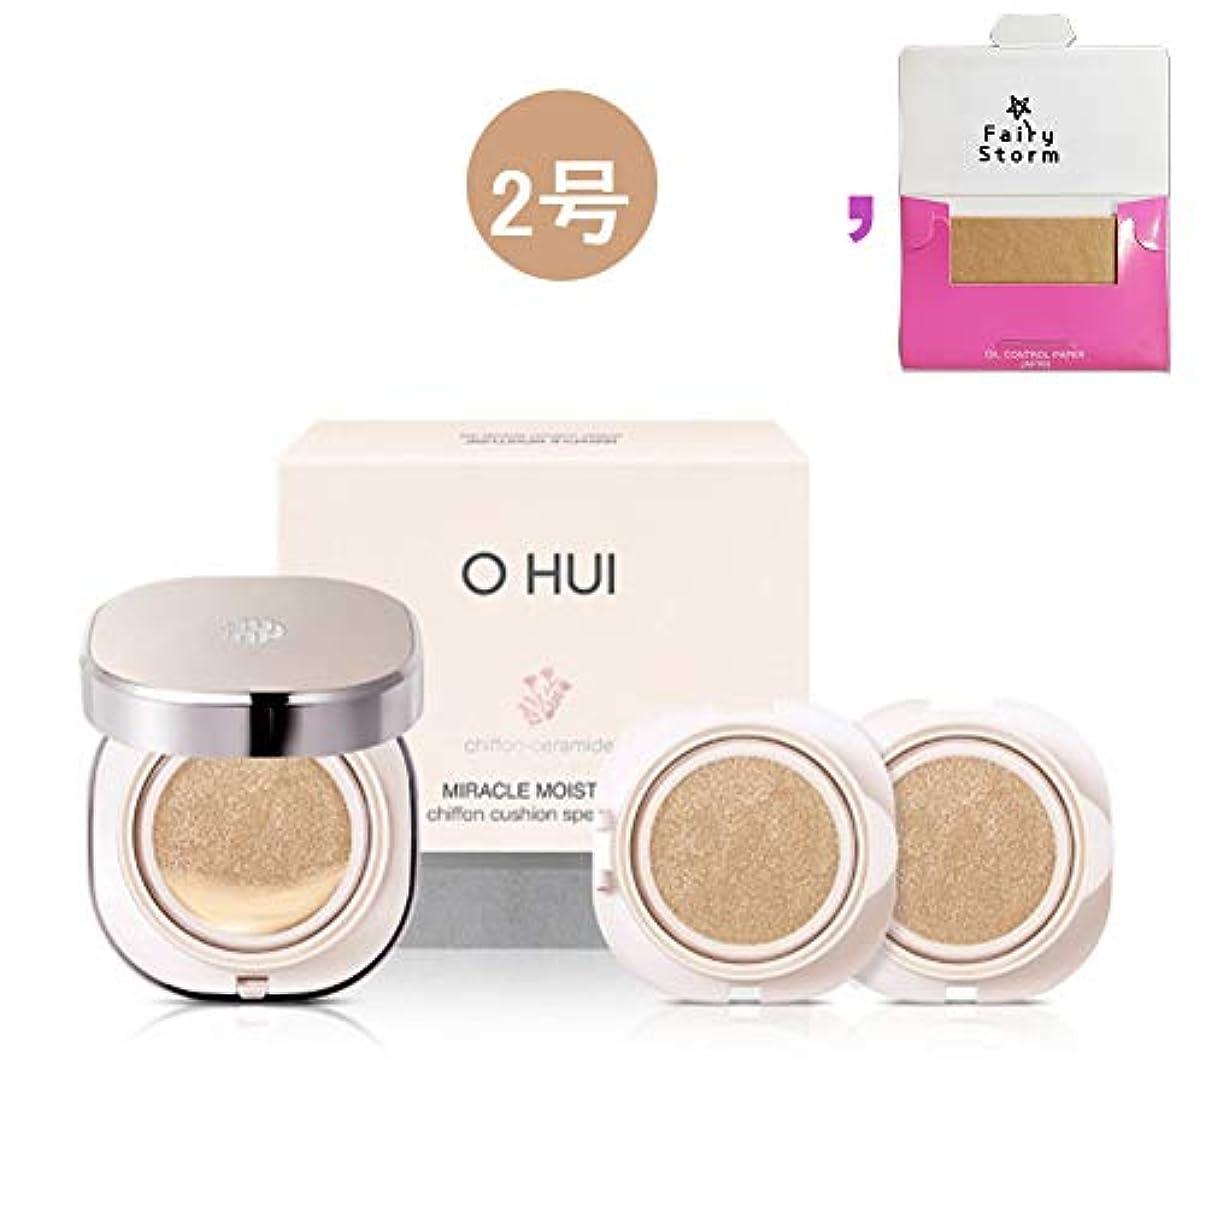 ポジティブ定規バックアップ[オフィ/ O HUI]韓国化粧品 LG生活健康/ohui Miracle Moisture shiffon cushion/ミラクル モイスチャーシフォンクッ ション + [Sample Gift](海外直送品) (2号)